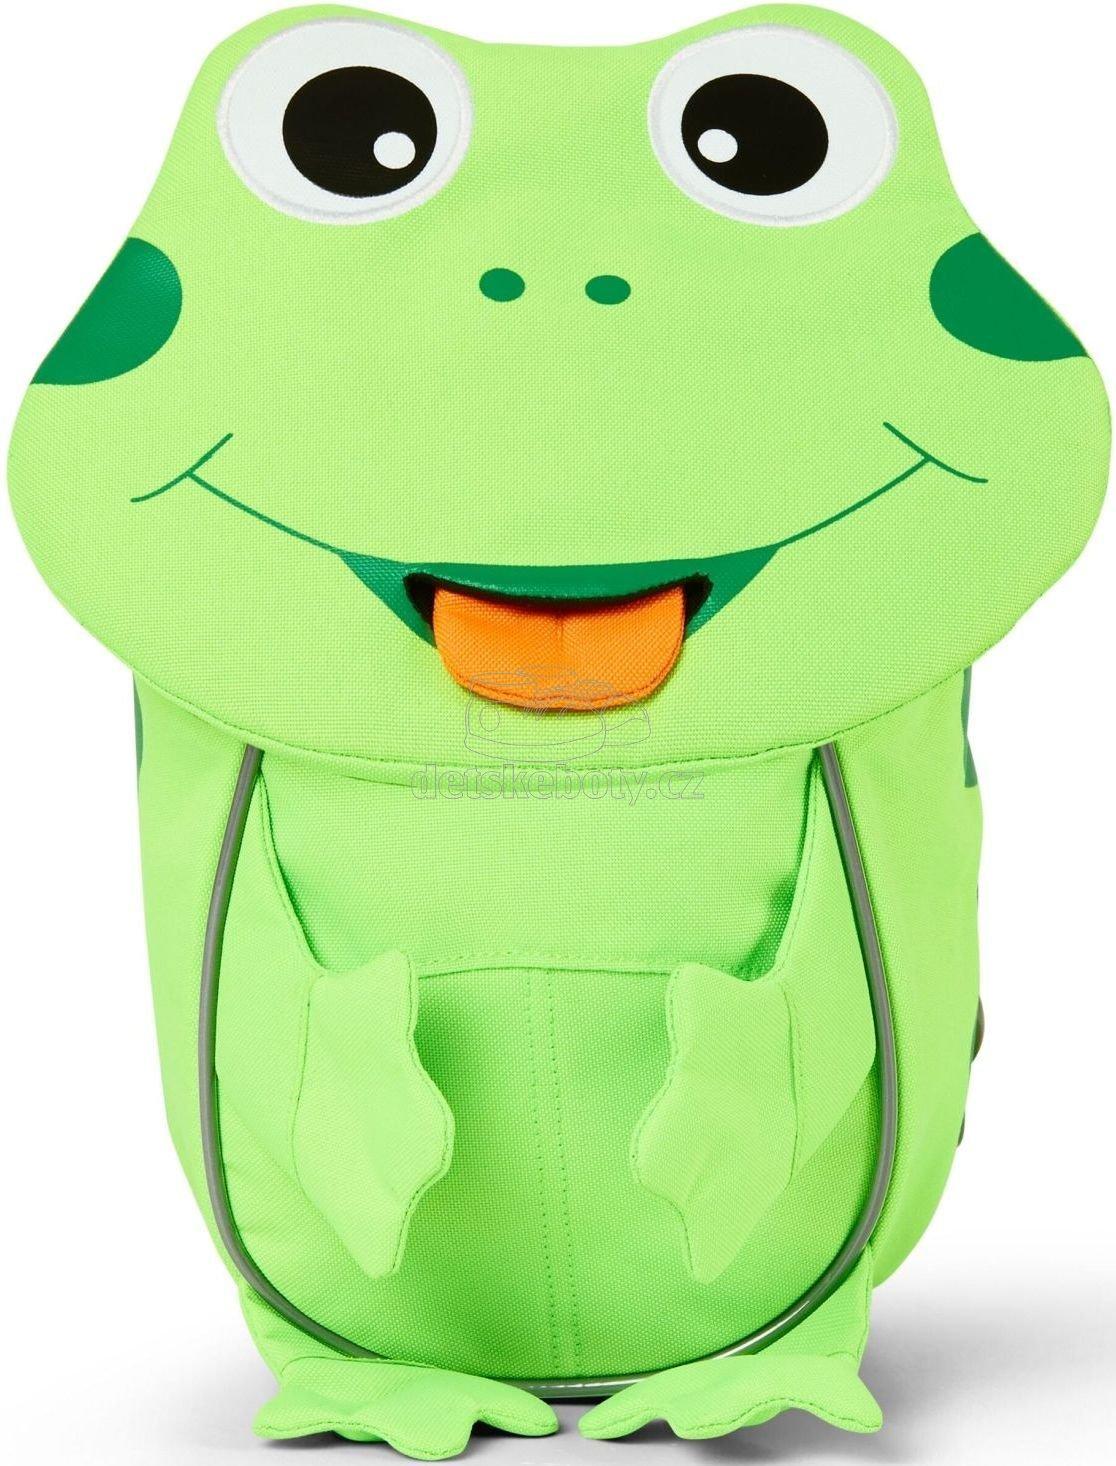 Hátizsák a legkisebbeknek Affenzahn Small Friend Frog - neon green